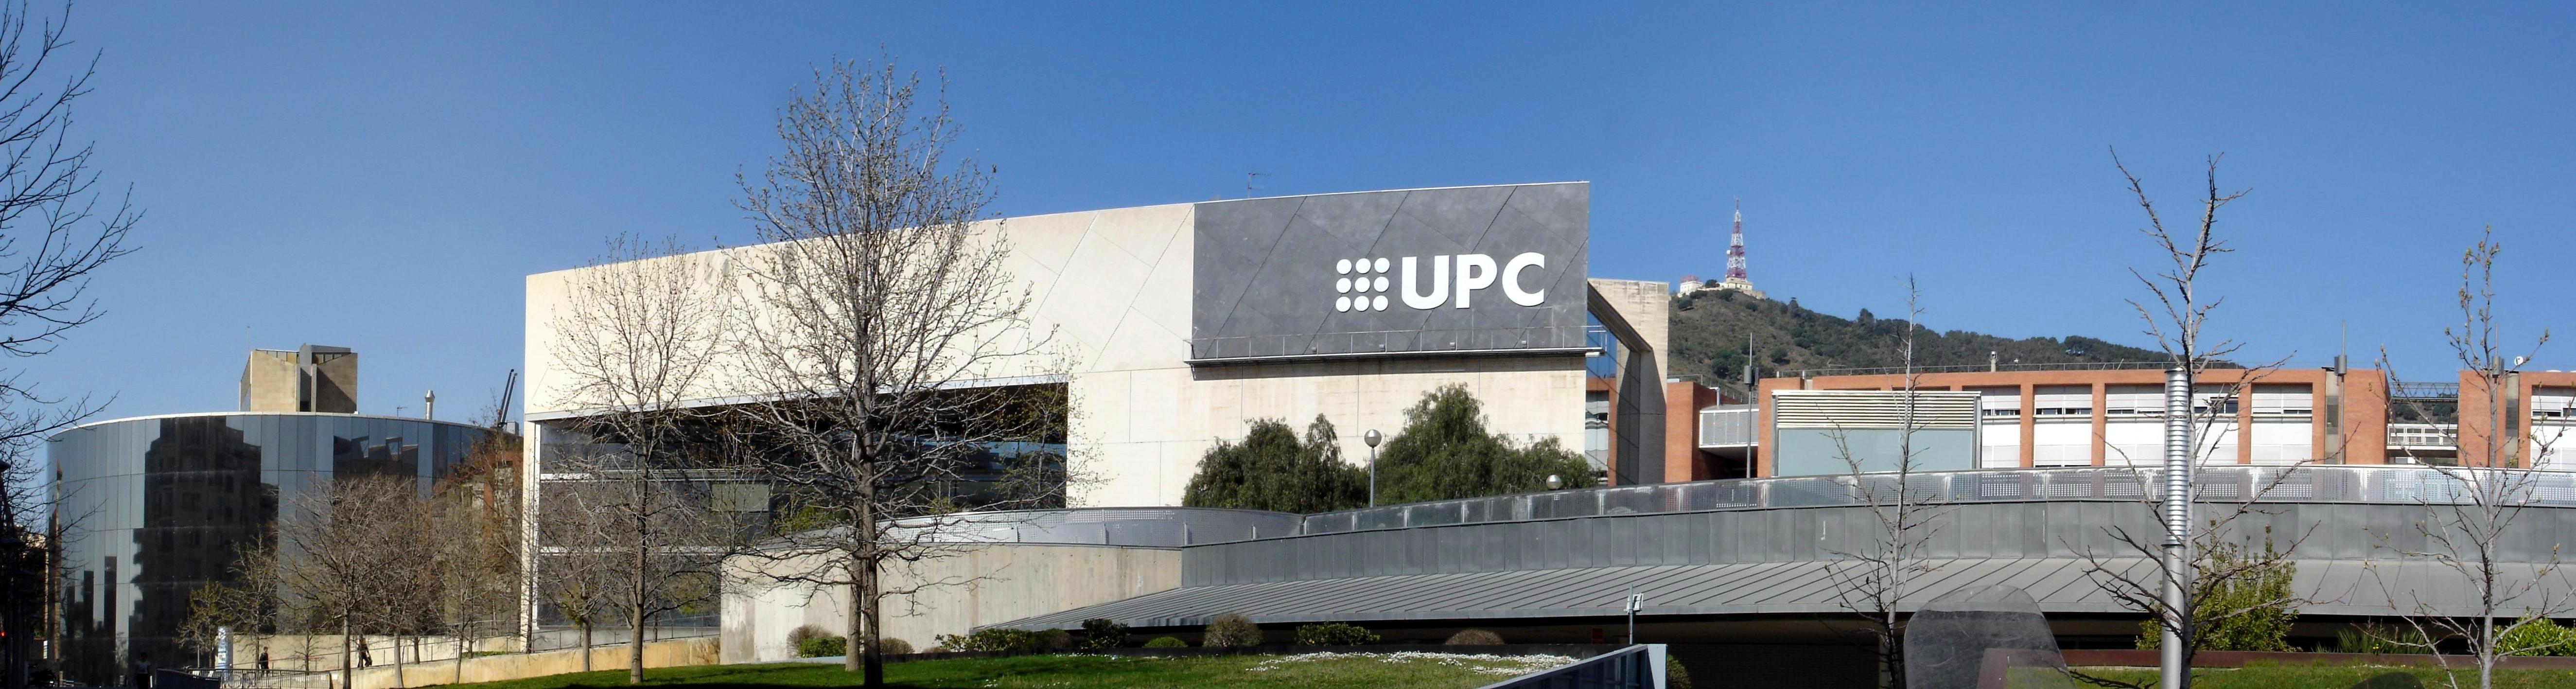 Universidad de barcelona follando for Universidad de moda barcelona